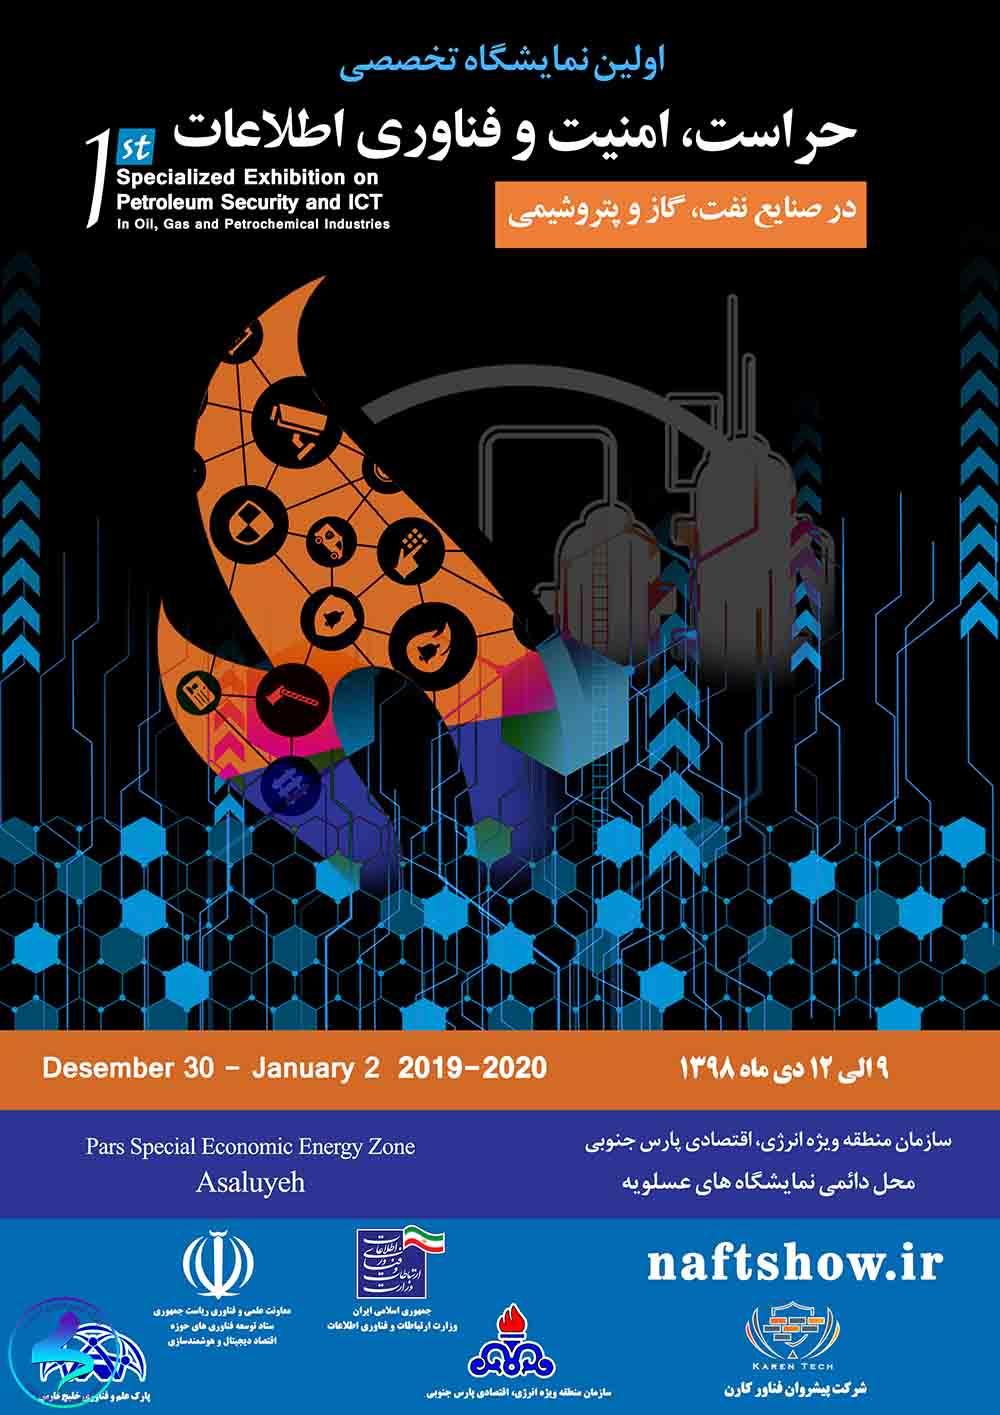 اولین نمایشگاه تخصصی حراست، امنیت و فناوری اطلاعات صنایع نفت، گاز و پتروشیمی